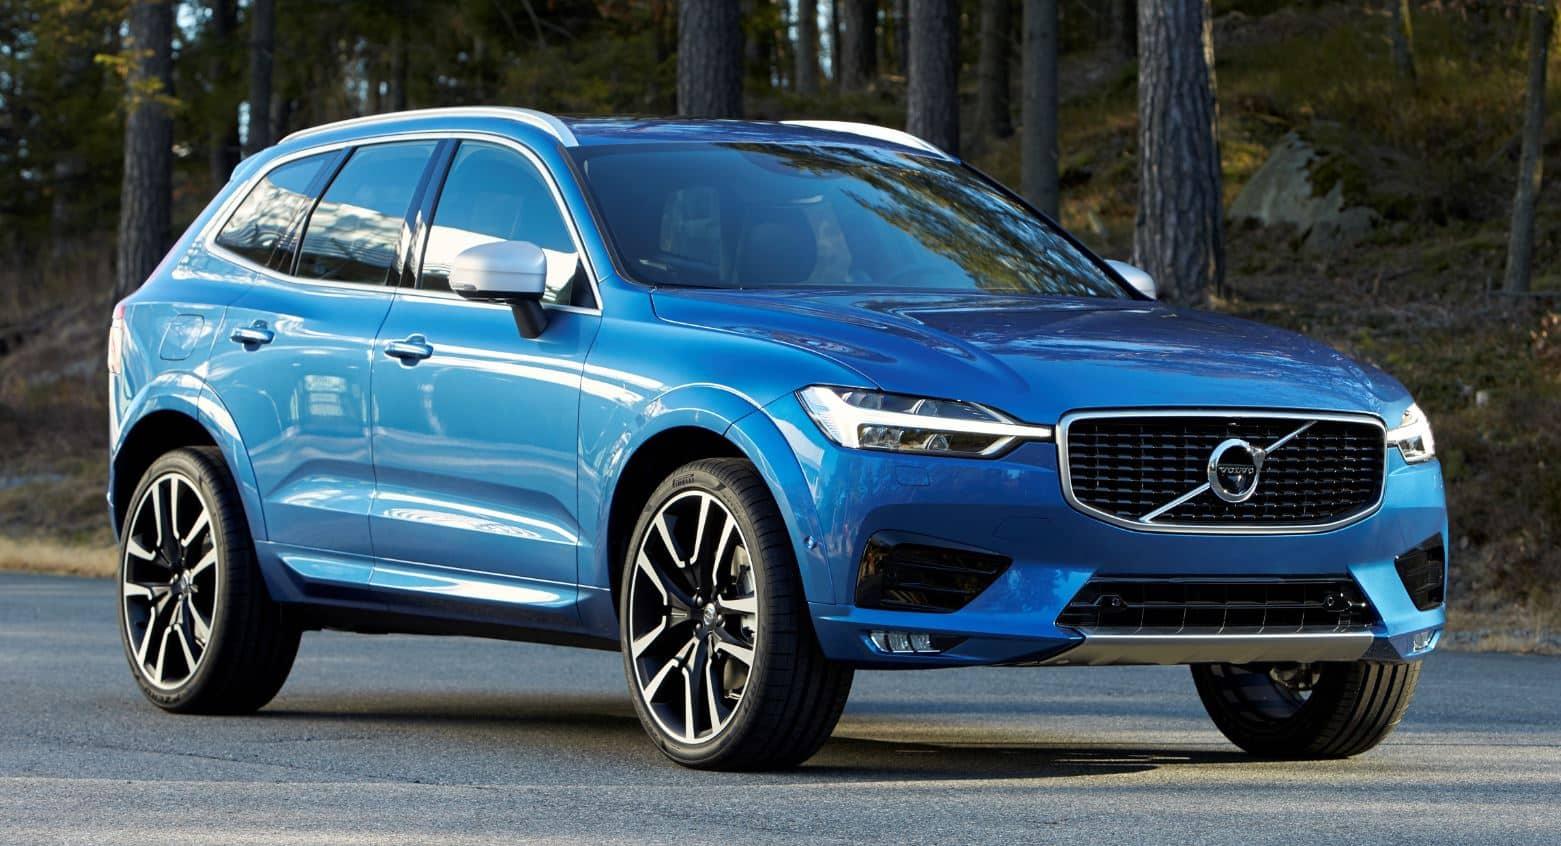 ¡Oficial!: Así es el nuevo Volvo XC60, un XC90 a escala que será un superventas…